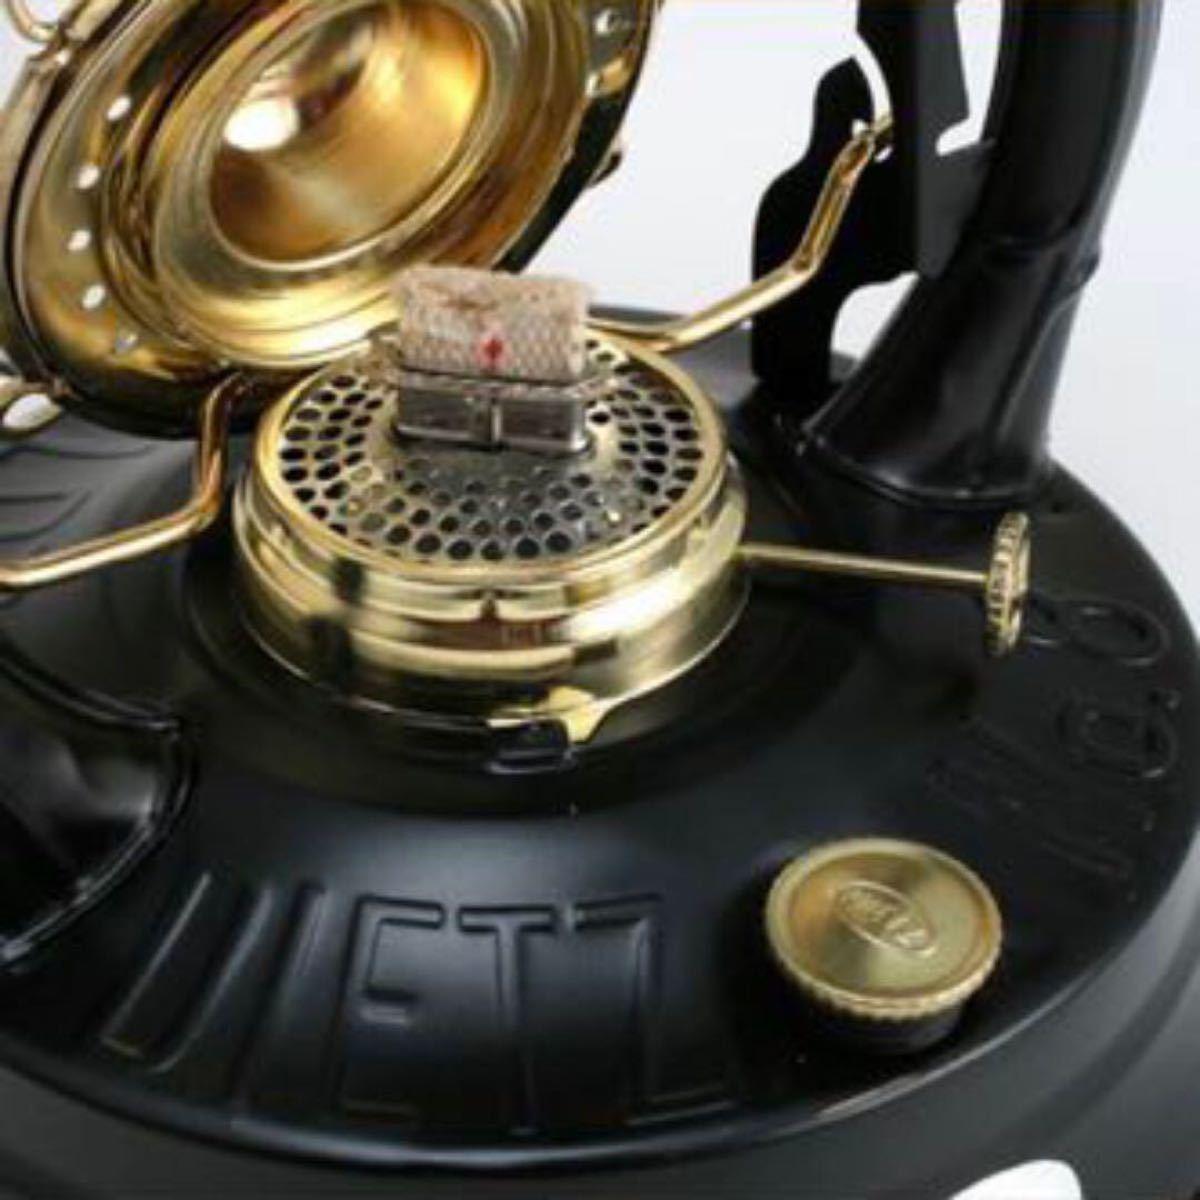 【新品未使用・24時間以内発送】ハリケーンオイルランタン デイツA8 DIETZ 黒 金BEL050-BK-G